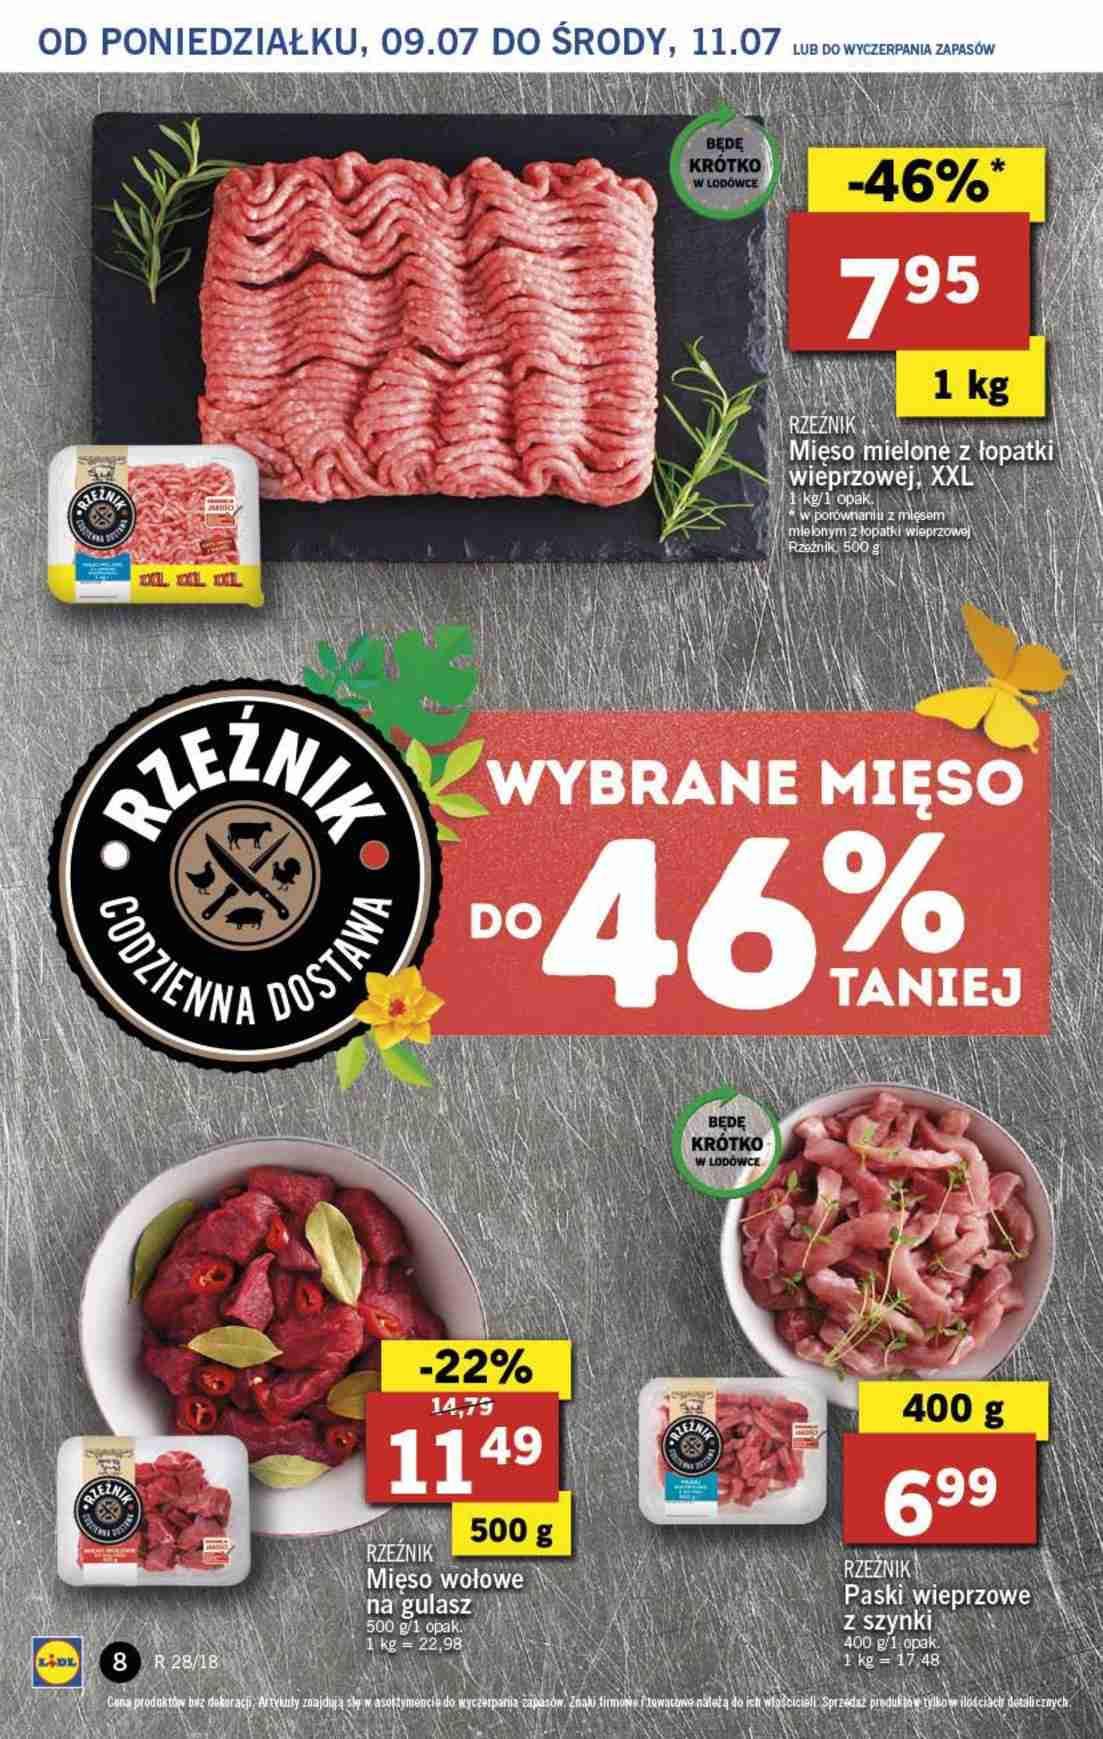 Gazetka promocyjna Lidl do 11/07/2018 str.7